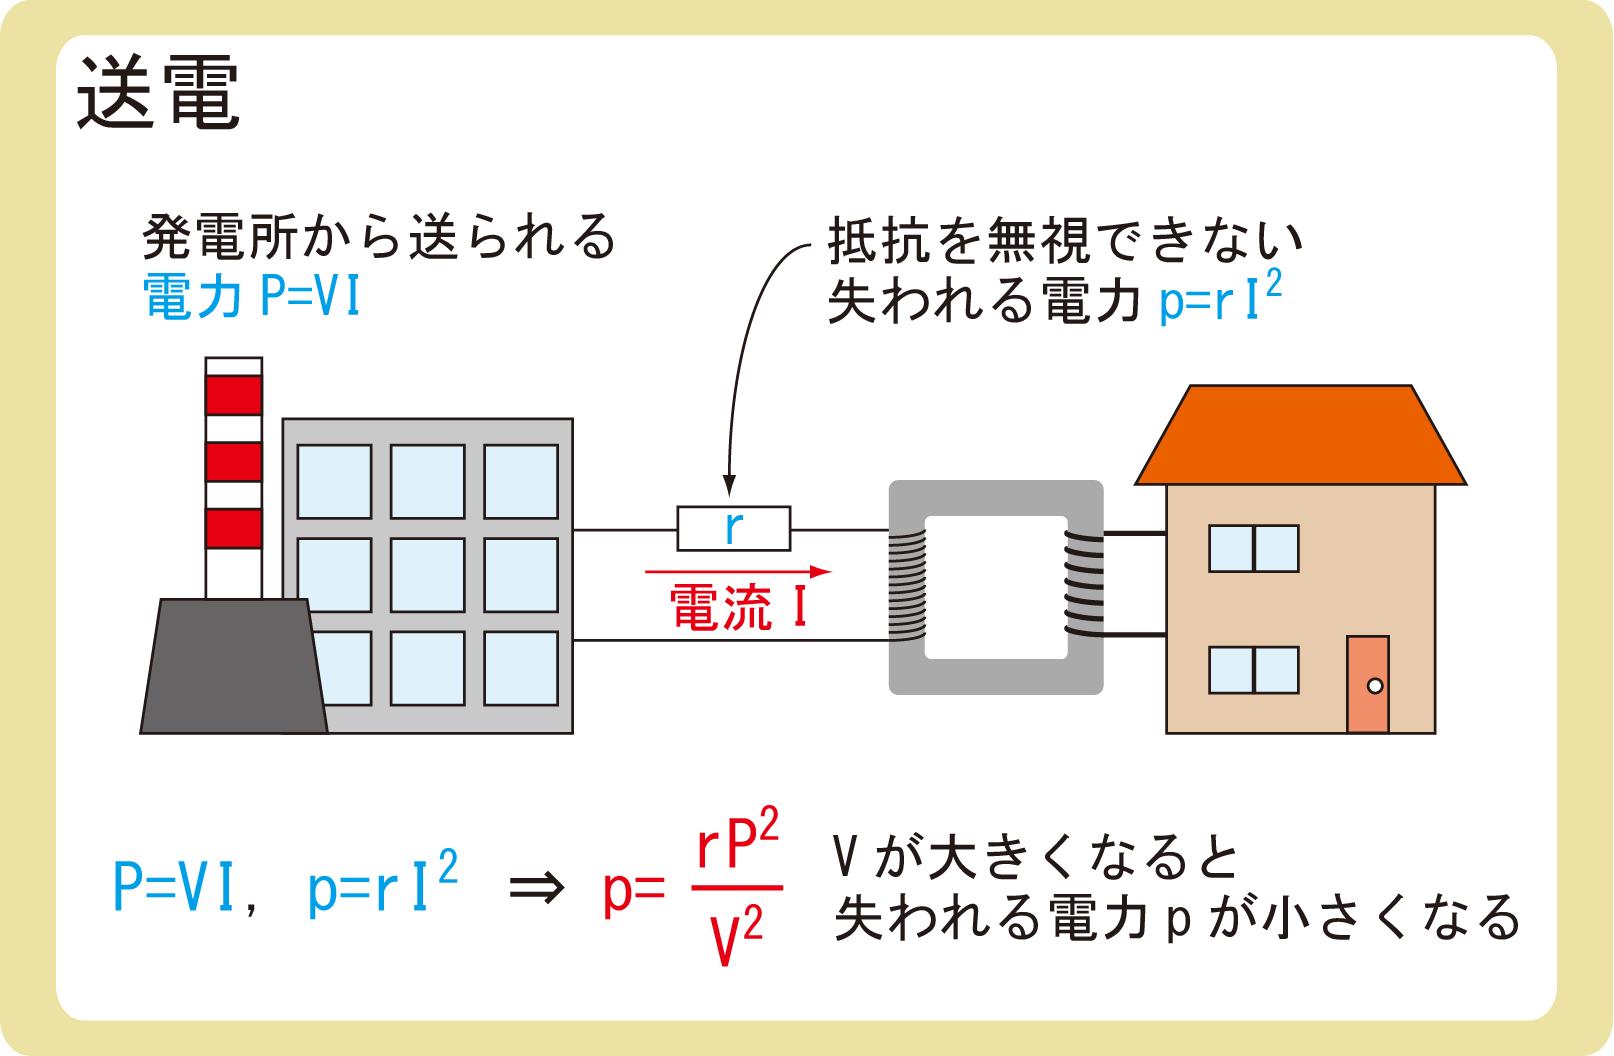 送電の仕組み